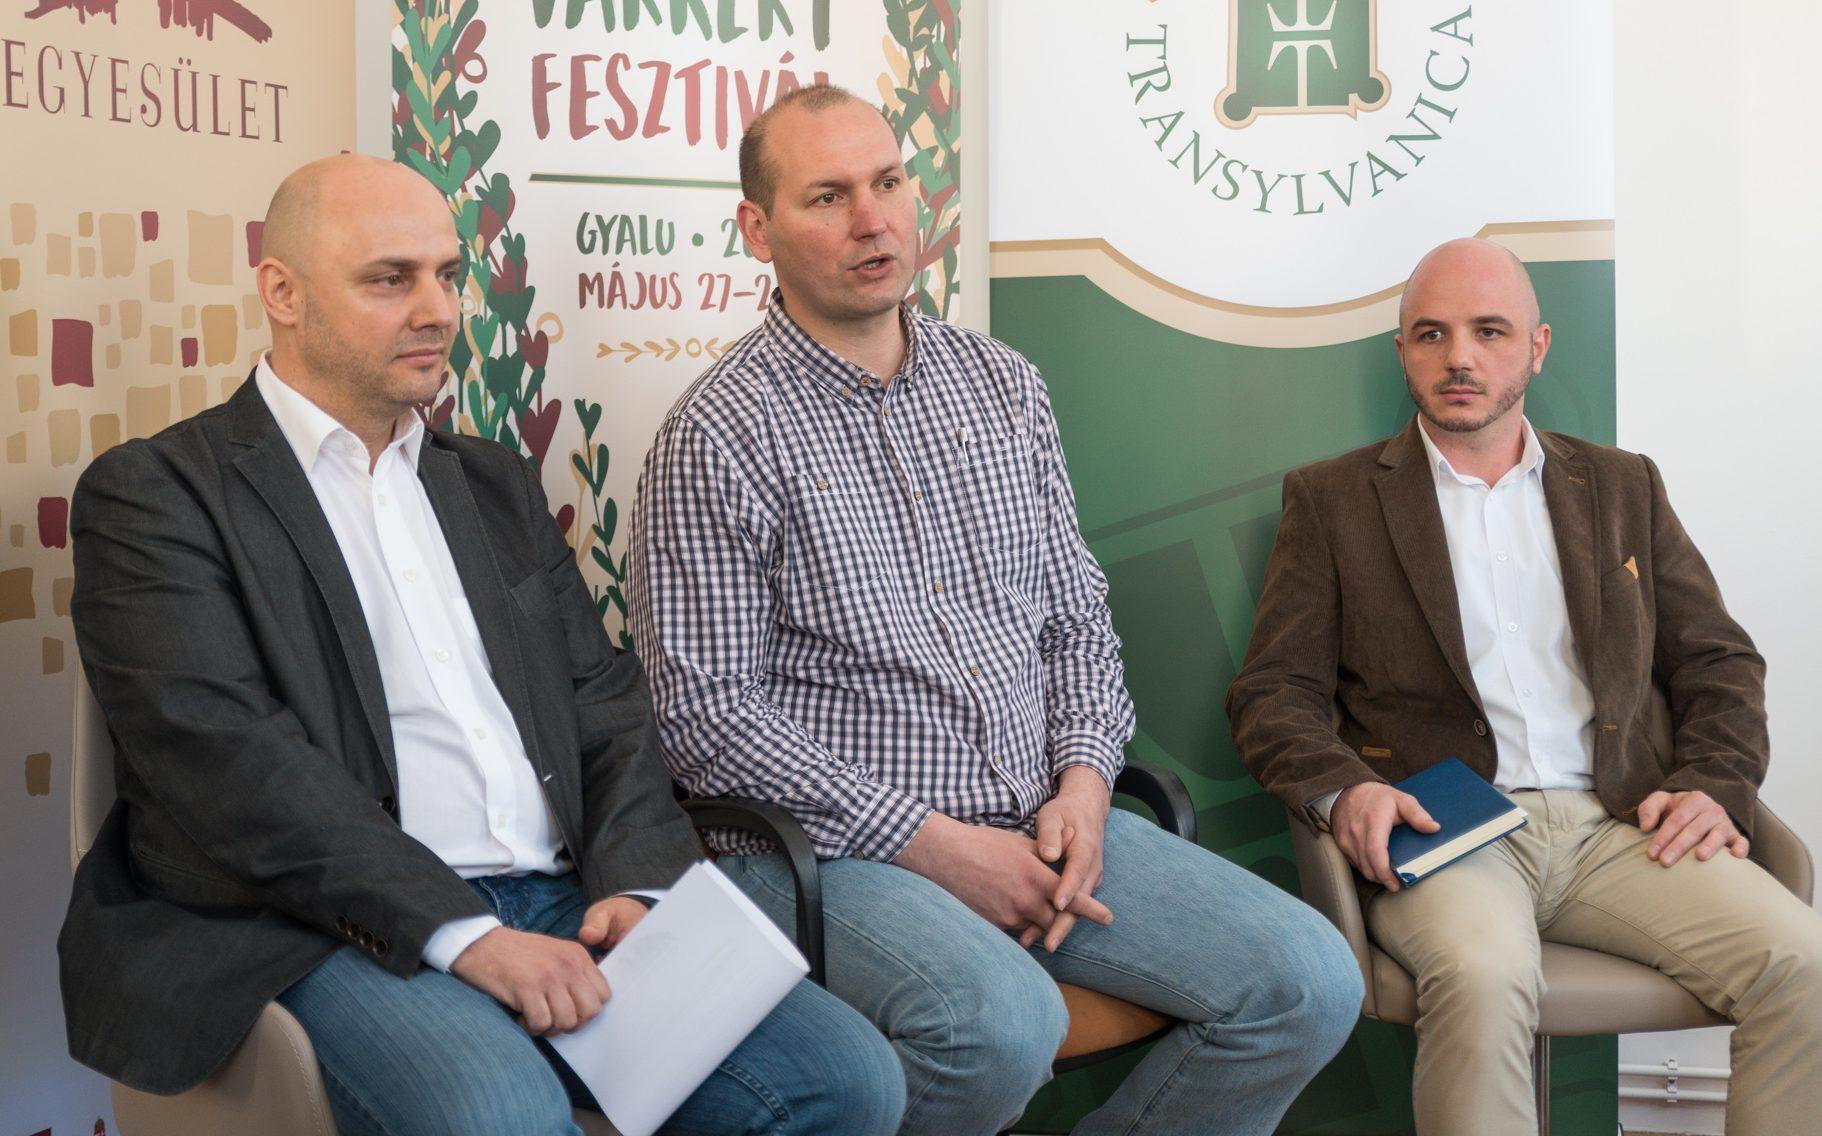 Várkert-fesztivál és KMN – újdonságok